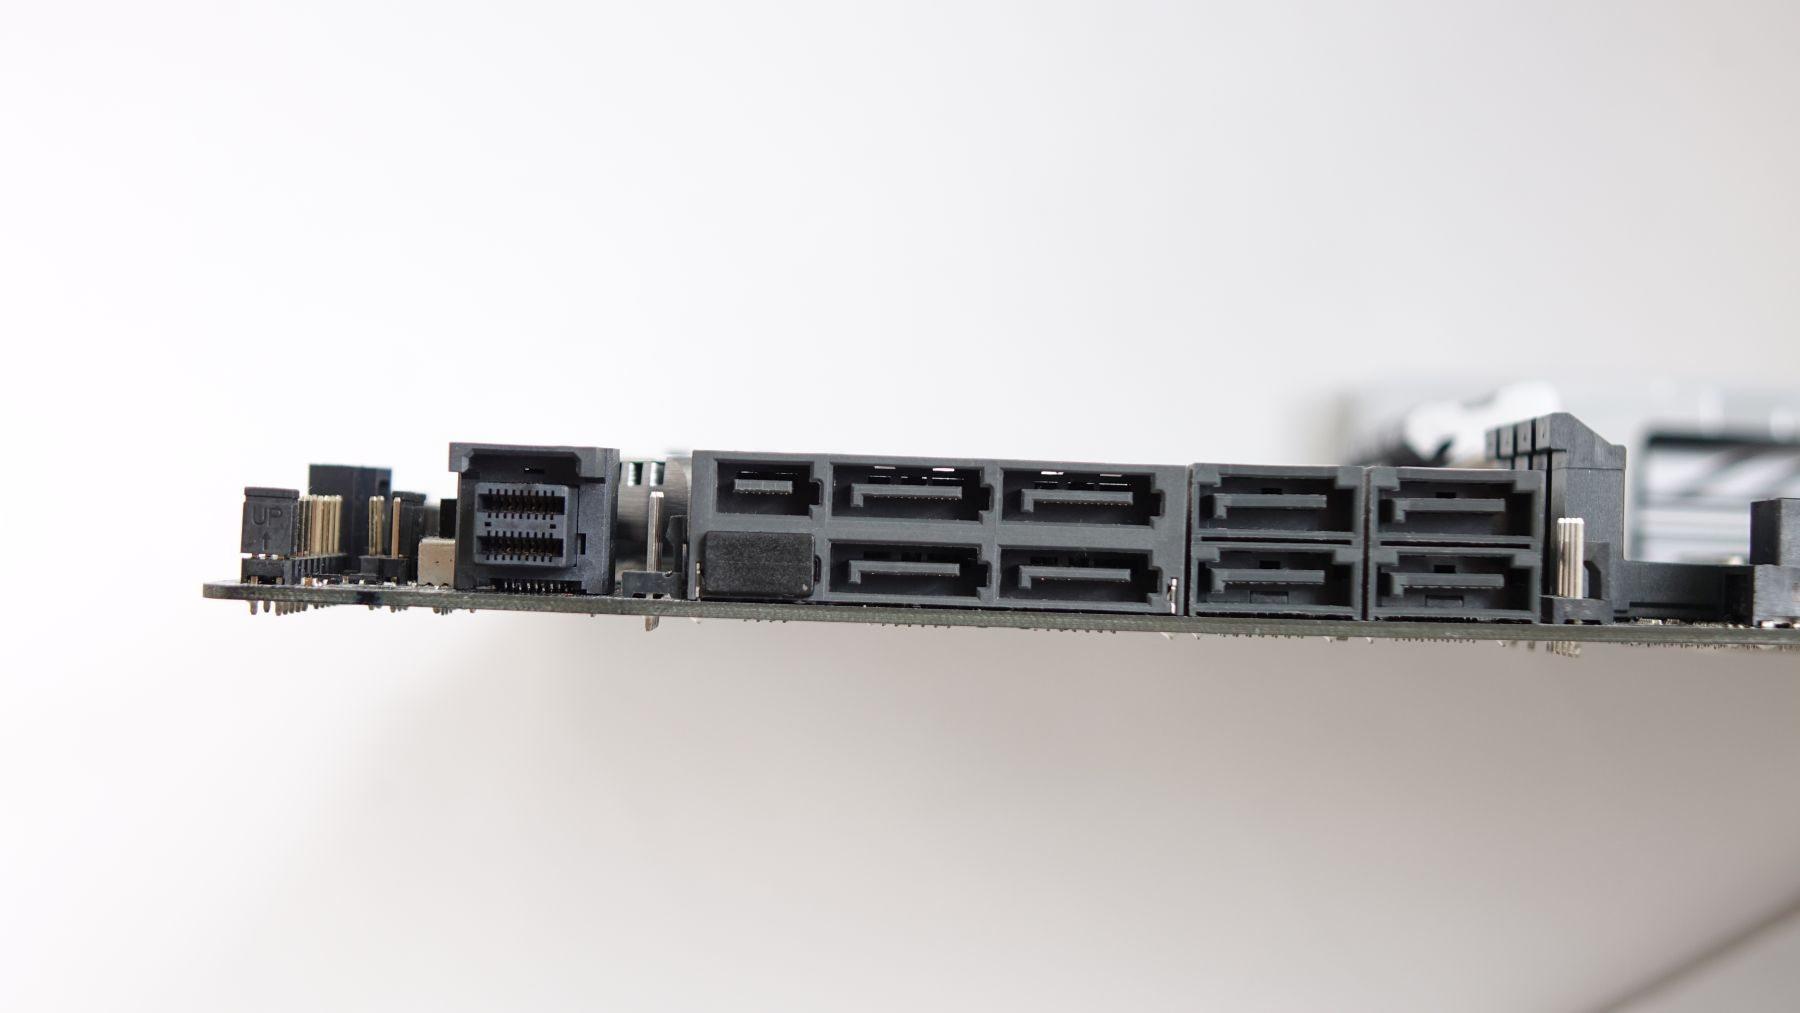 порты для накопителей на ASUS X99-Deluxe II